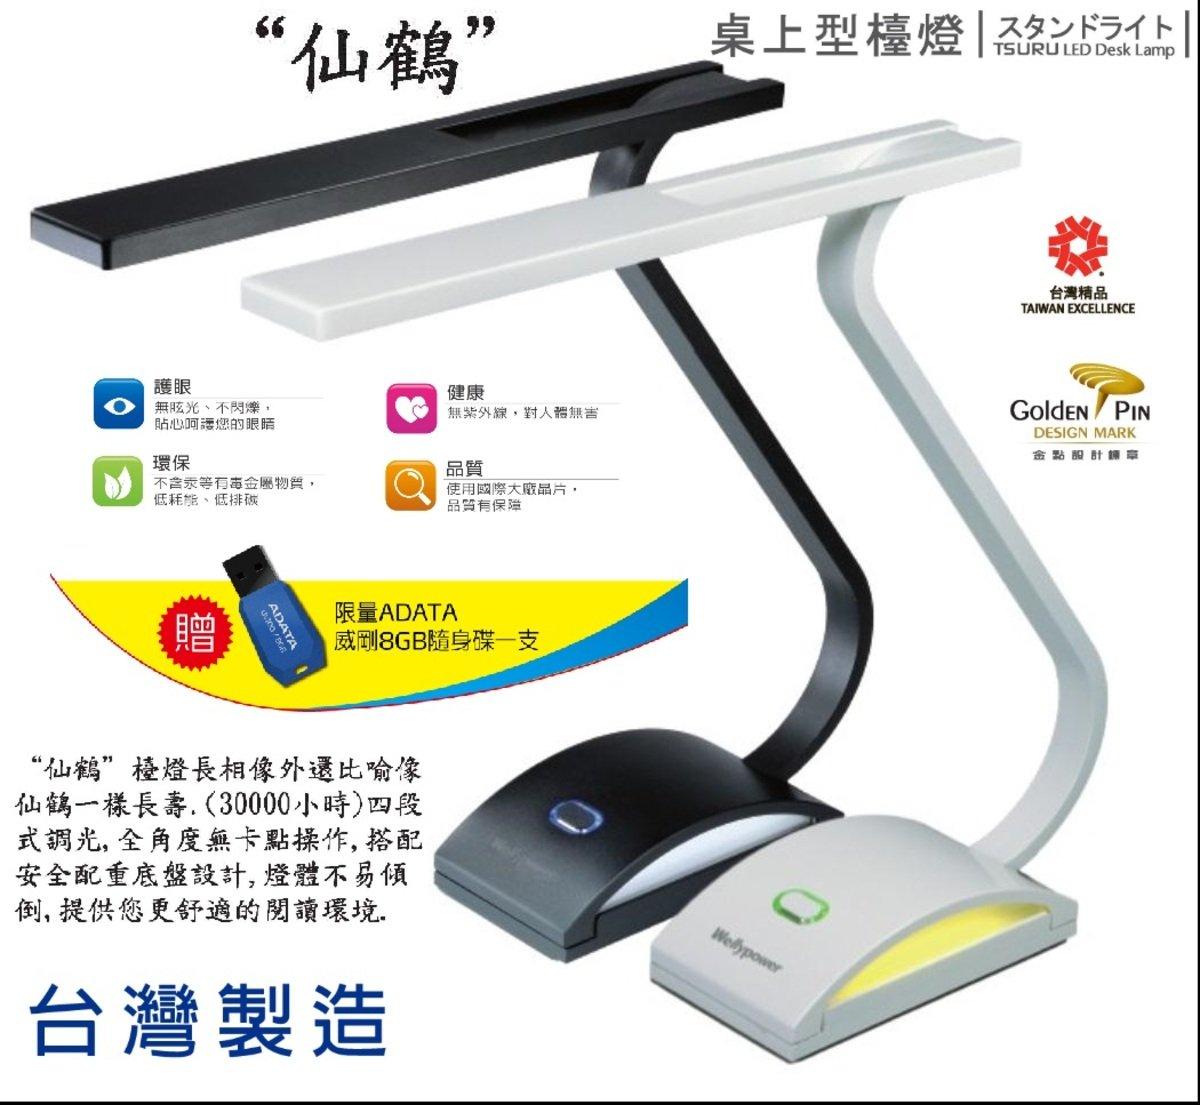 仙鶴 12W LED 檯燈 黑色 冷白光 5500K (贈送 ADATA 限量版 8GB 鑽石型 USB 手指)